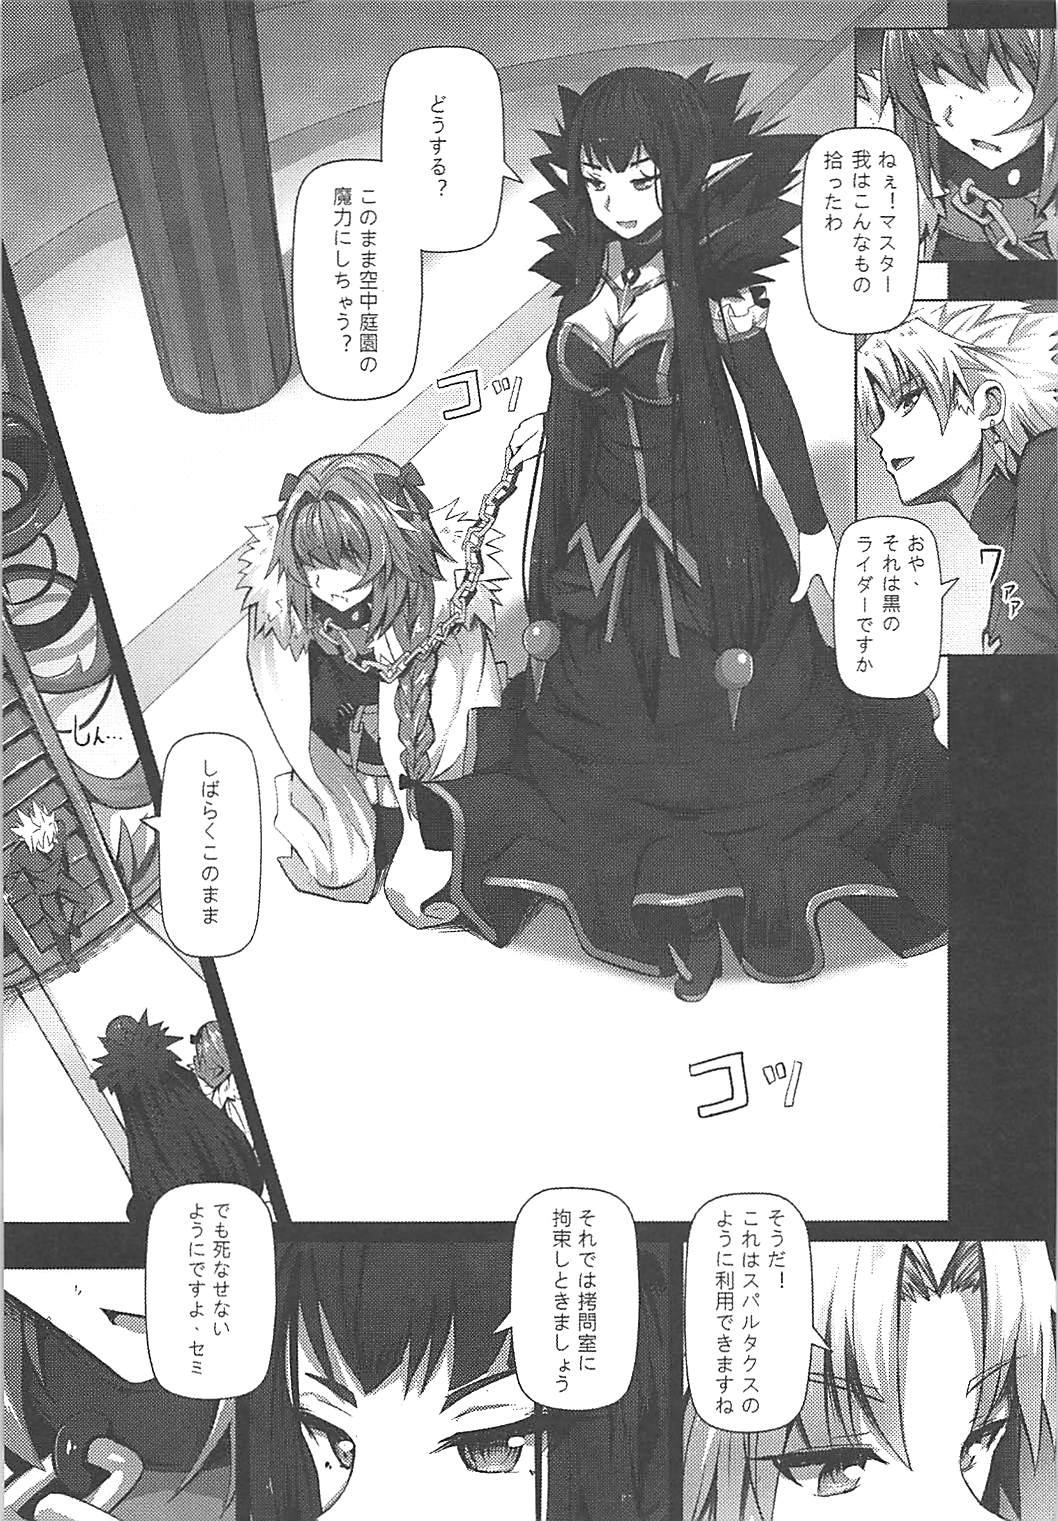 【エロ同人誌 Fate Apocrypha】セミラミスに薬漬けにされて逆レイプされるアストルフォwww【無料 エロ漫画】 (5)